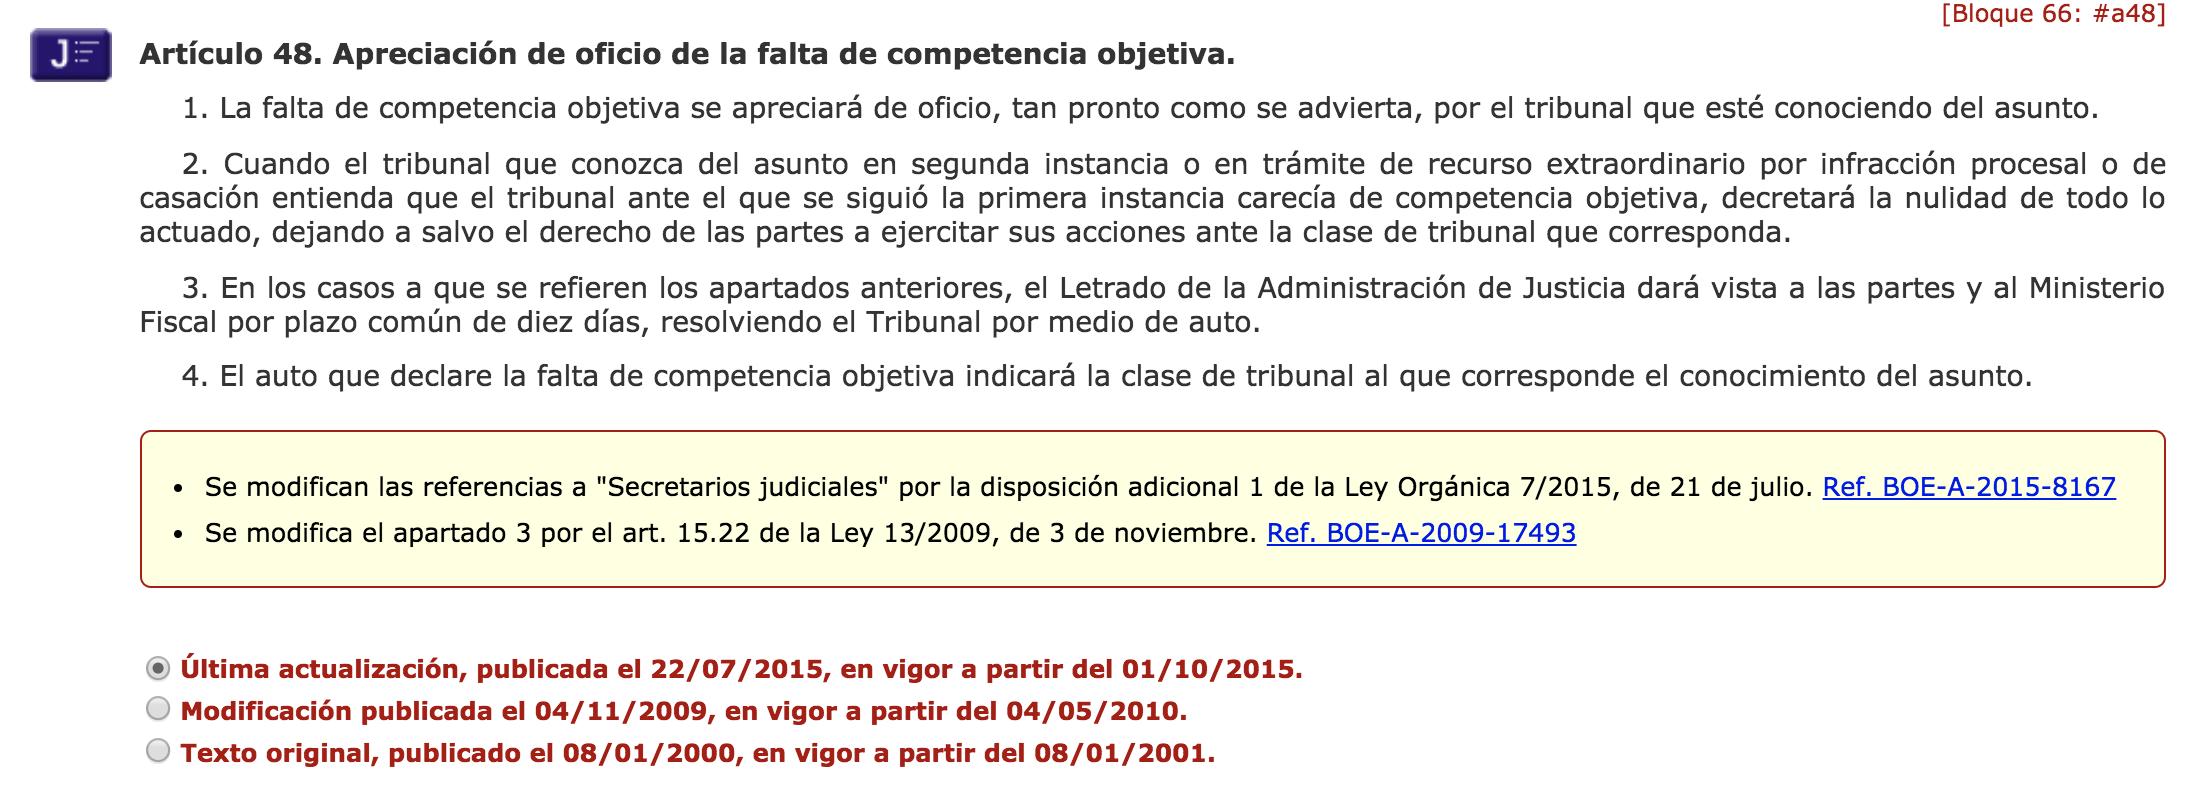 Jurisprudencia y modificación de los artículos del BOE